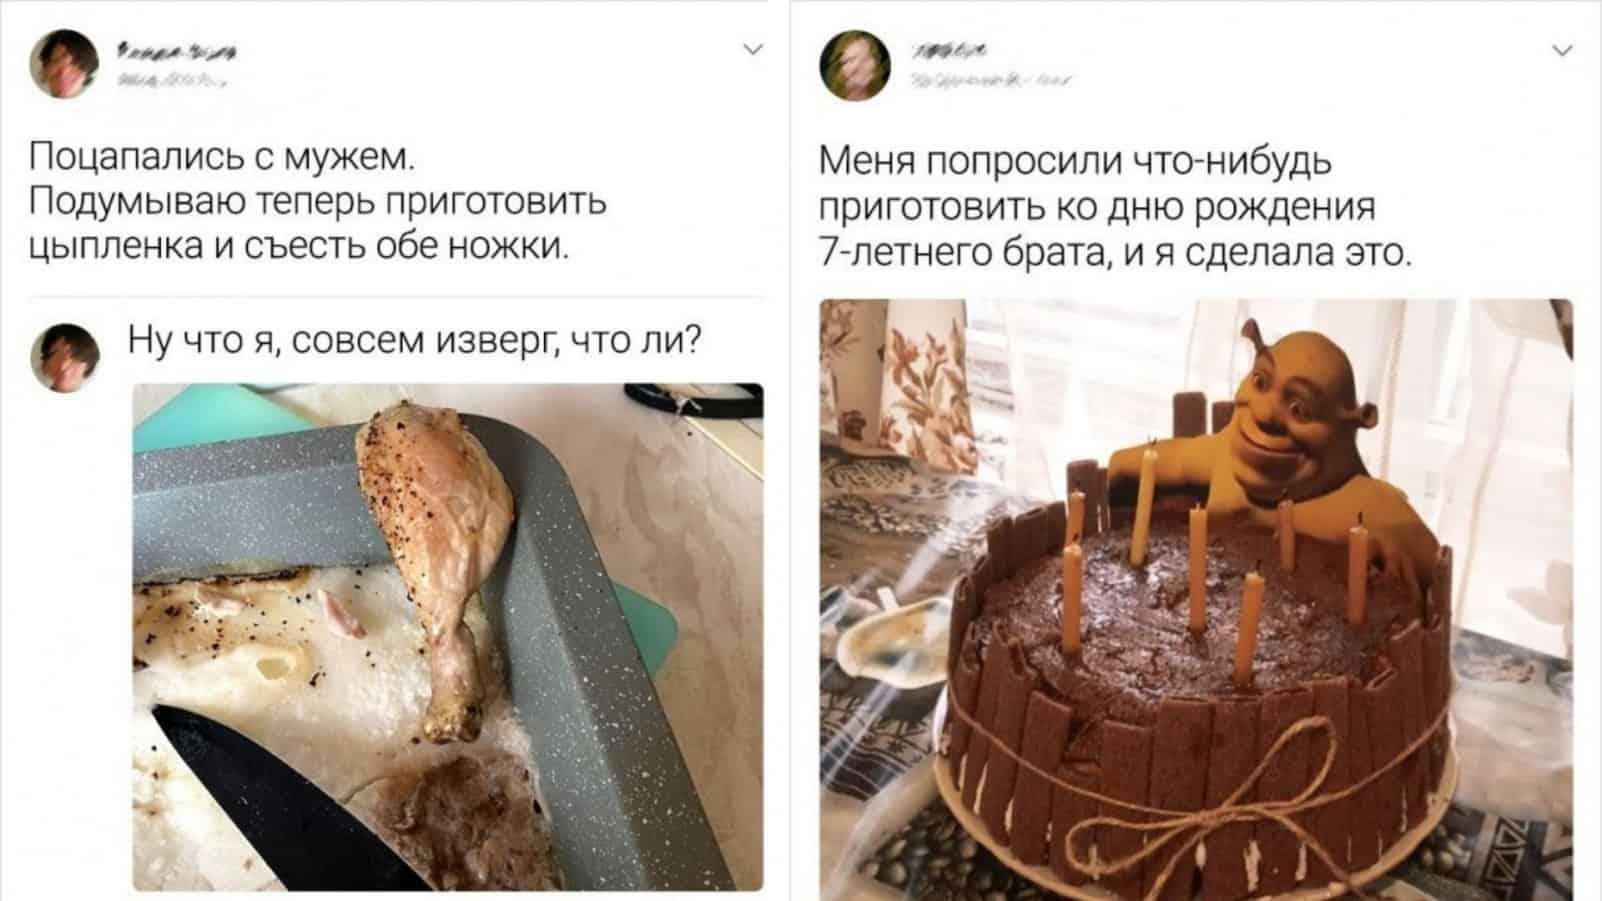 Коллекция интересных твитов о еде и готовке